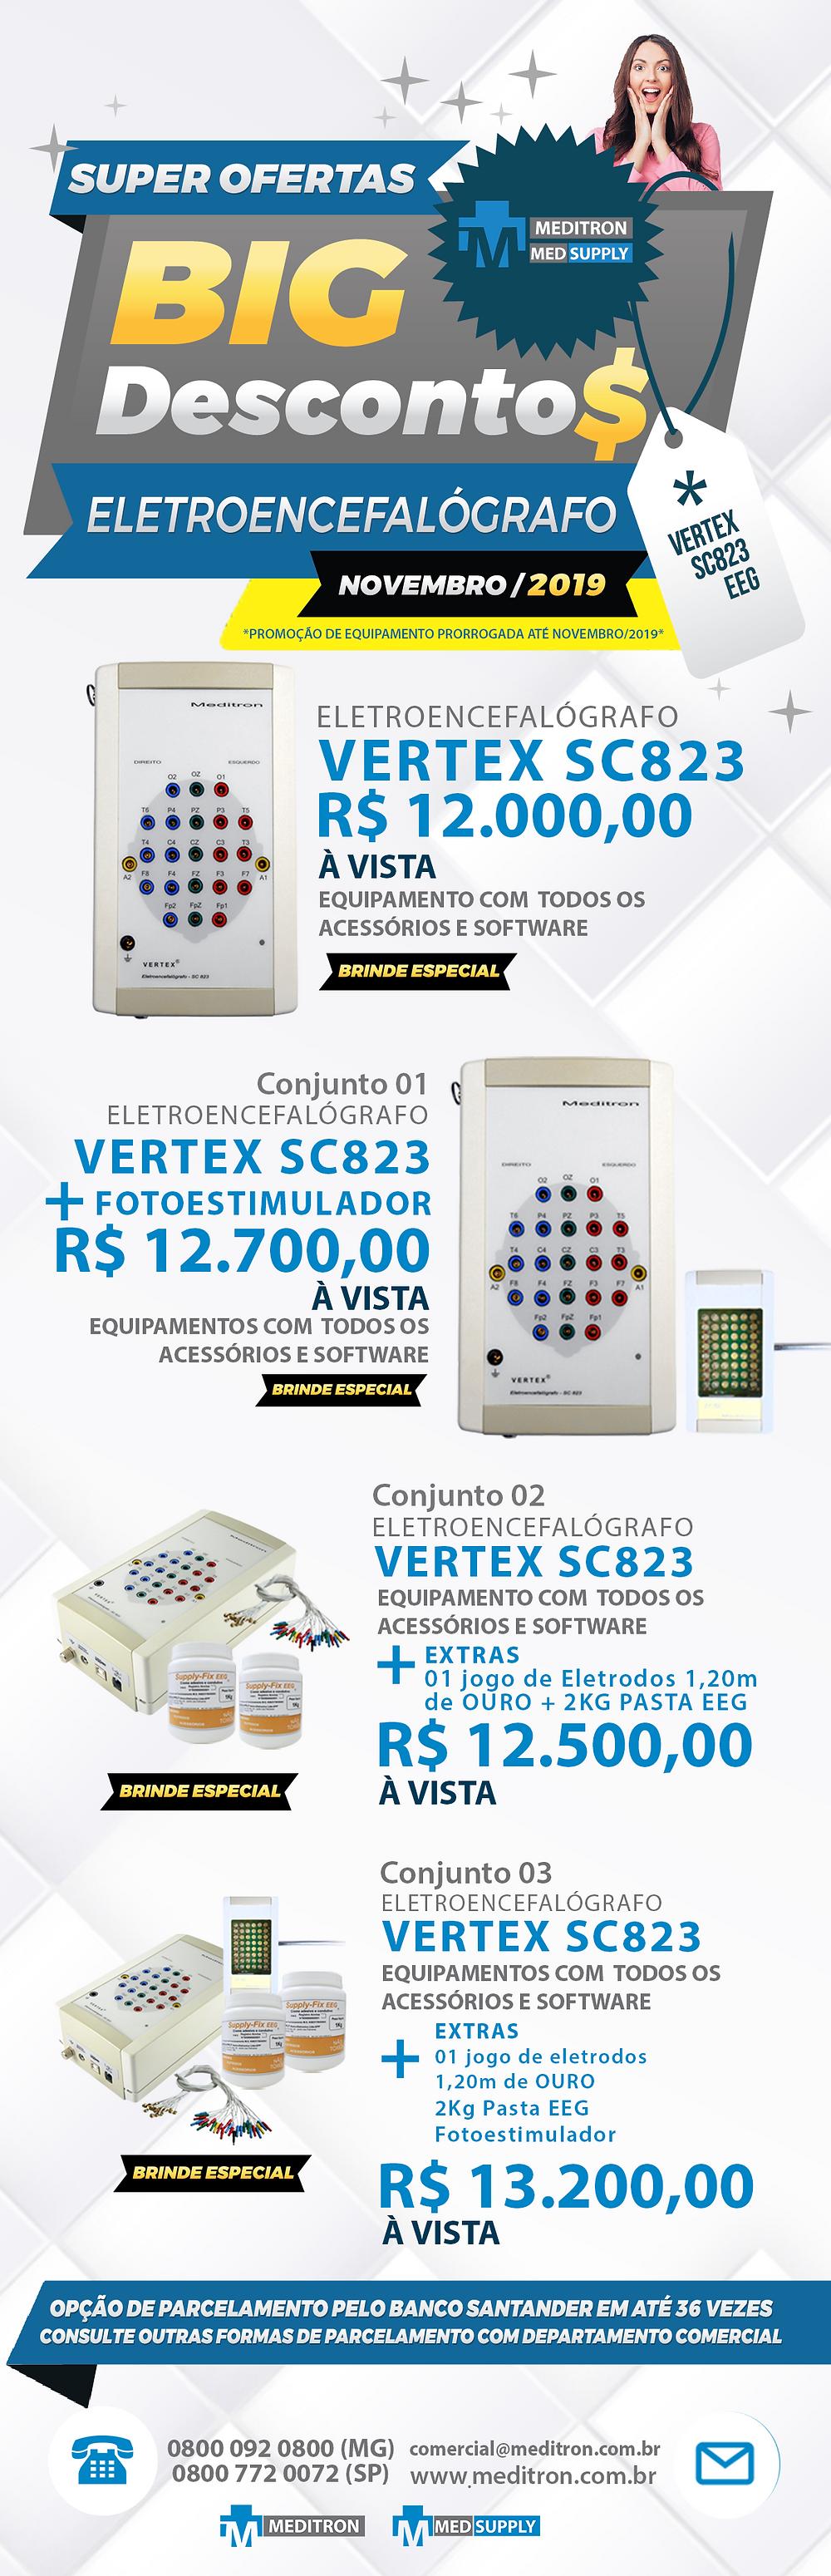 As super ofertas de final de Ano da Meditron e MedSupply continuam📣 Confira os nossos produtos com um super desconto e não perca tempo para fazer o seu pedido. A marca mais reconhecida em equipamentos e produtos para EEG com o menor custo! ATENÇÃO: Promoção do equipamento VERTEX prorrogada para o mês de NOVEMBRO/2019 Entre em contato: 🌐 www.meditron.com.br 📧 comercial@meditron.com.br ☎️ 0800 092 0800 (MG) / 0800 772 0072 (SP)